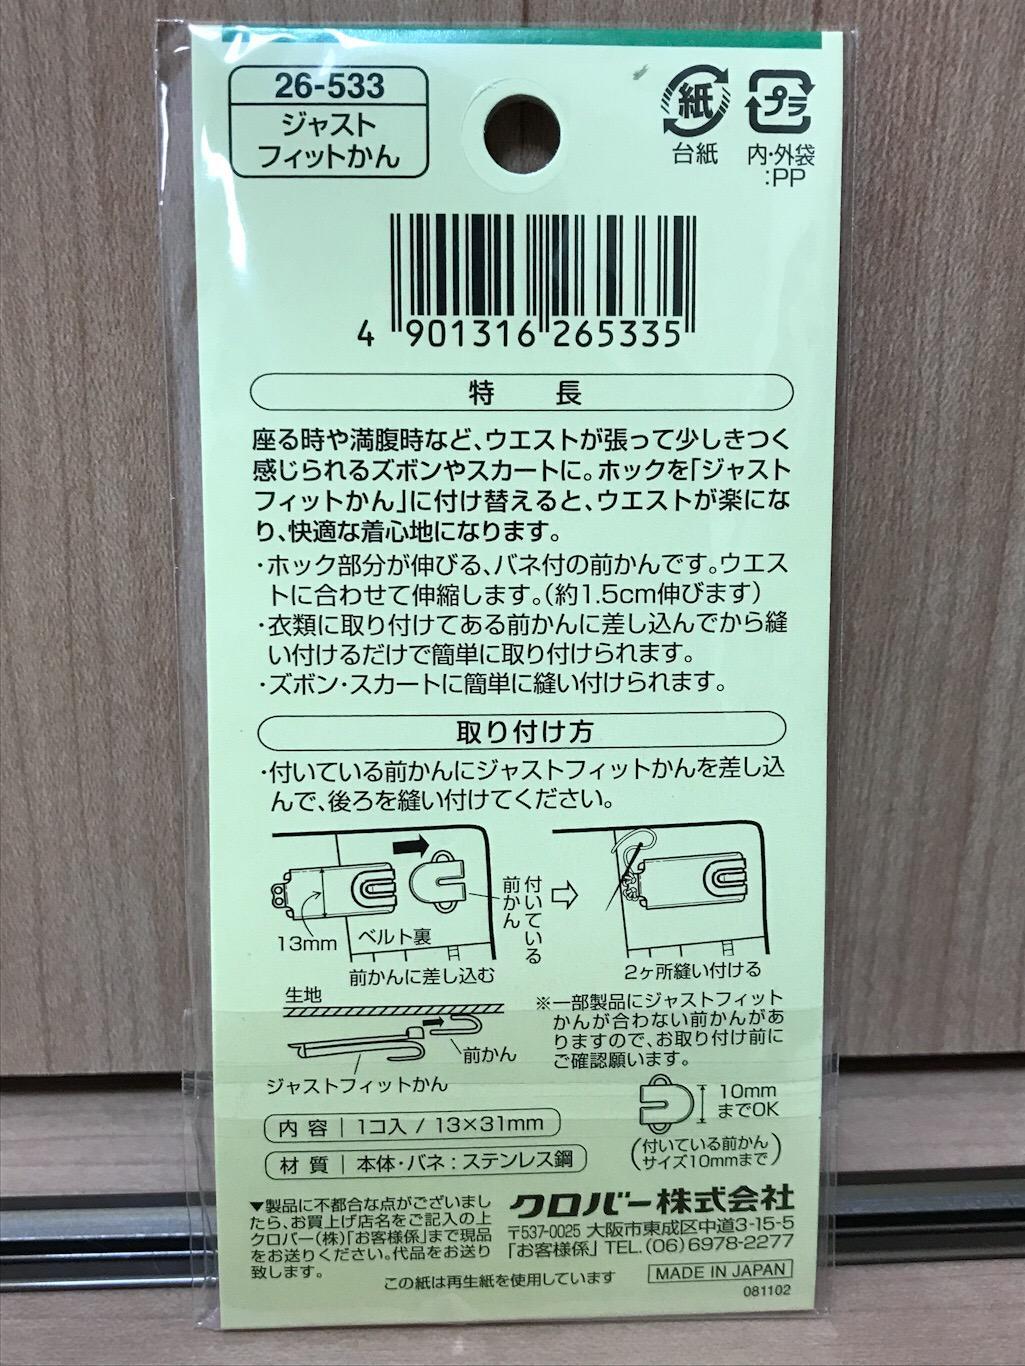 ジャストフィットかん1コ入 パッケージ裏面 (クロバー株式会社)